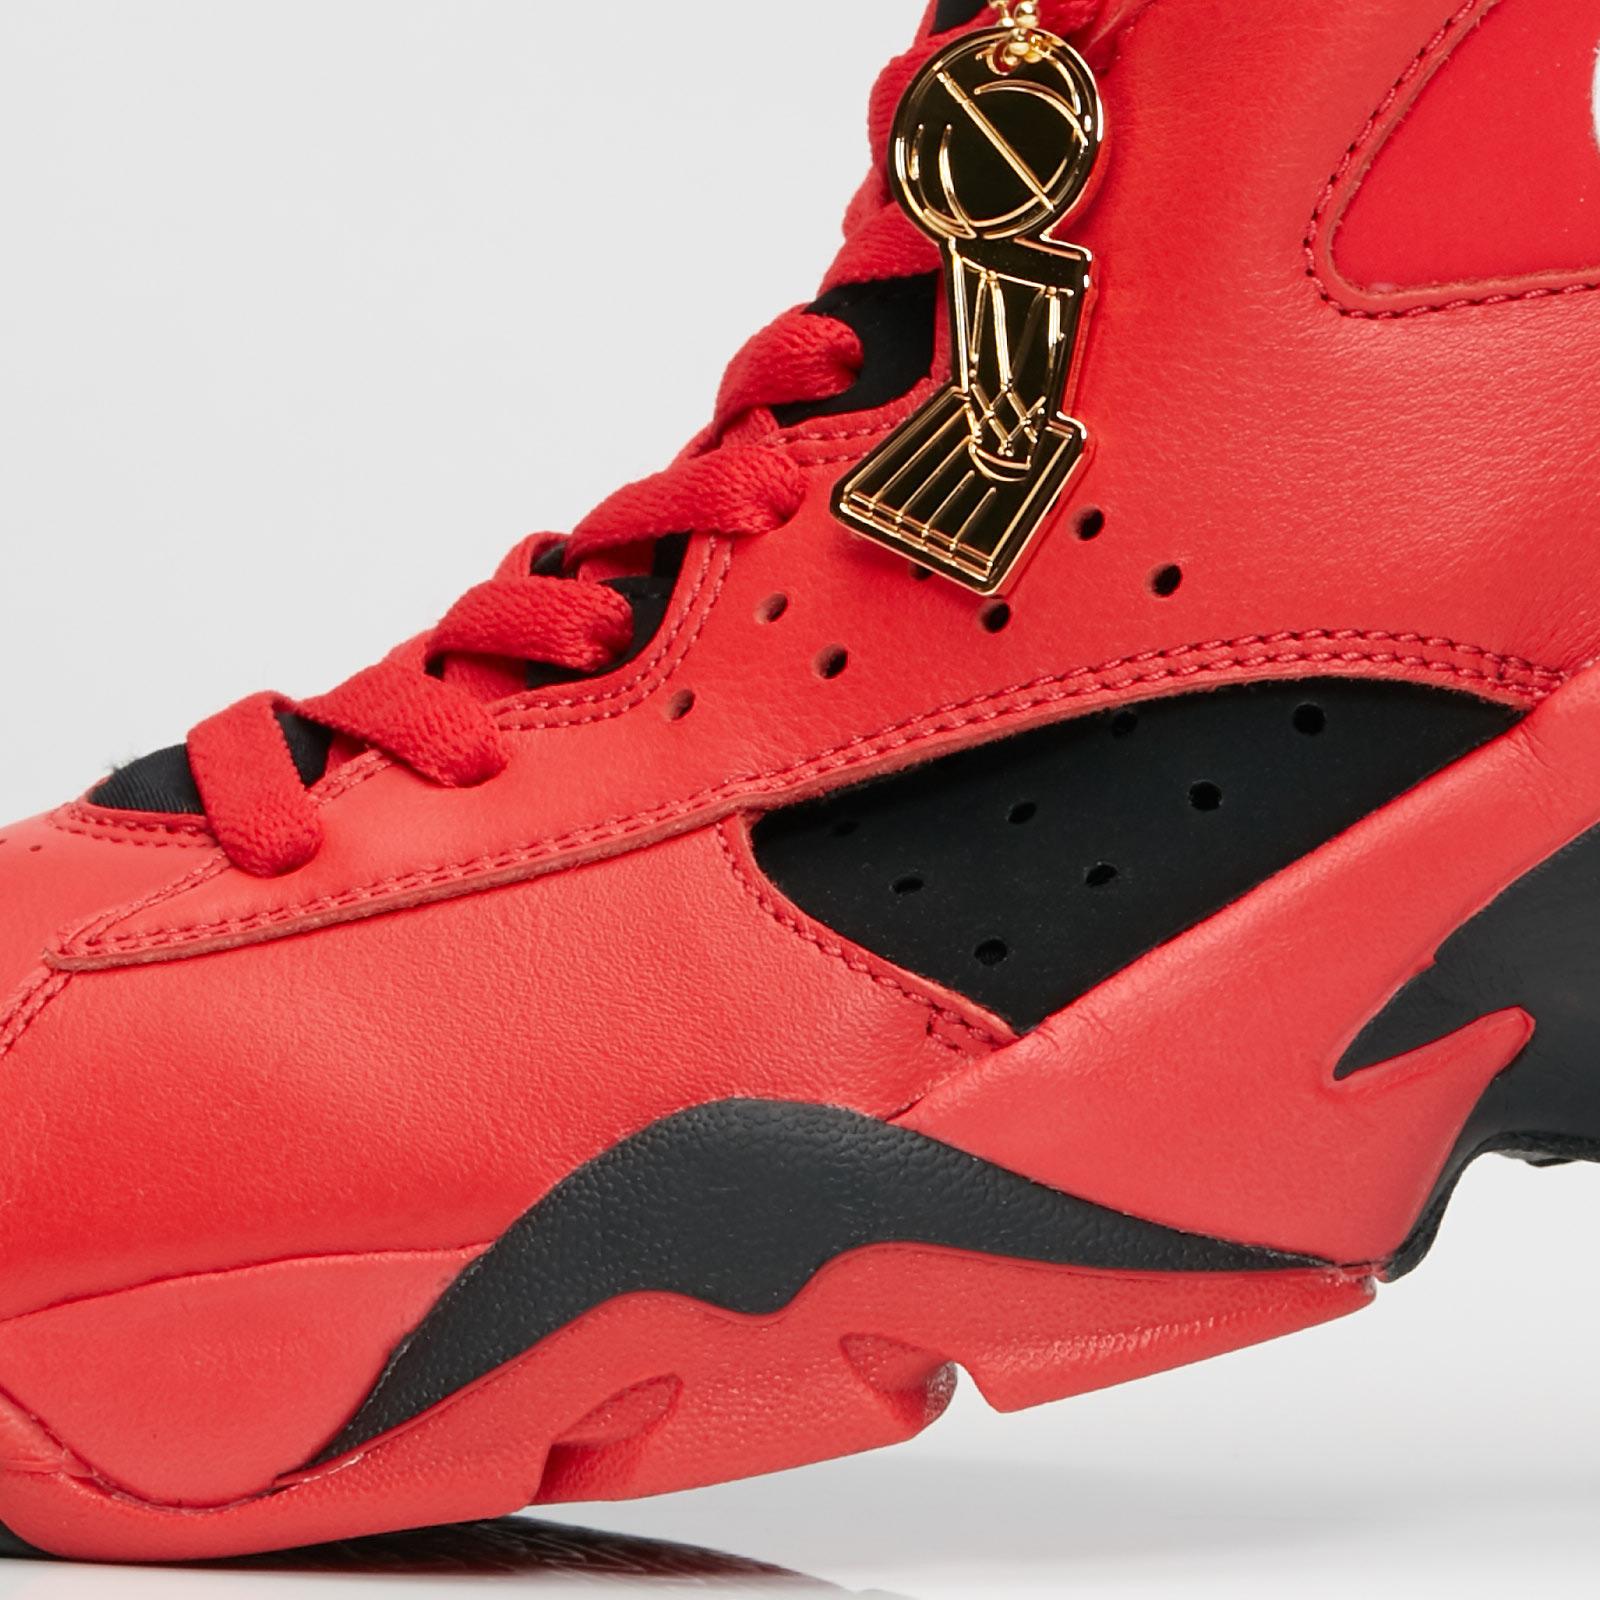 3a4dbe25b38d Nike Air Maestro II QS - Aj9281-600 - Sneakersnstuff